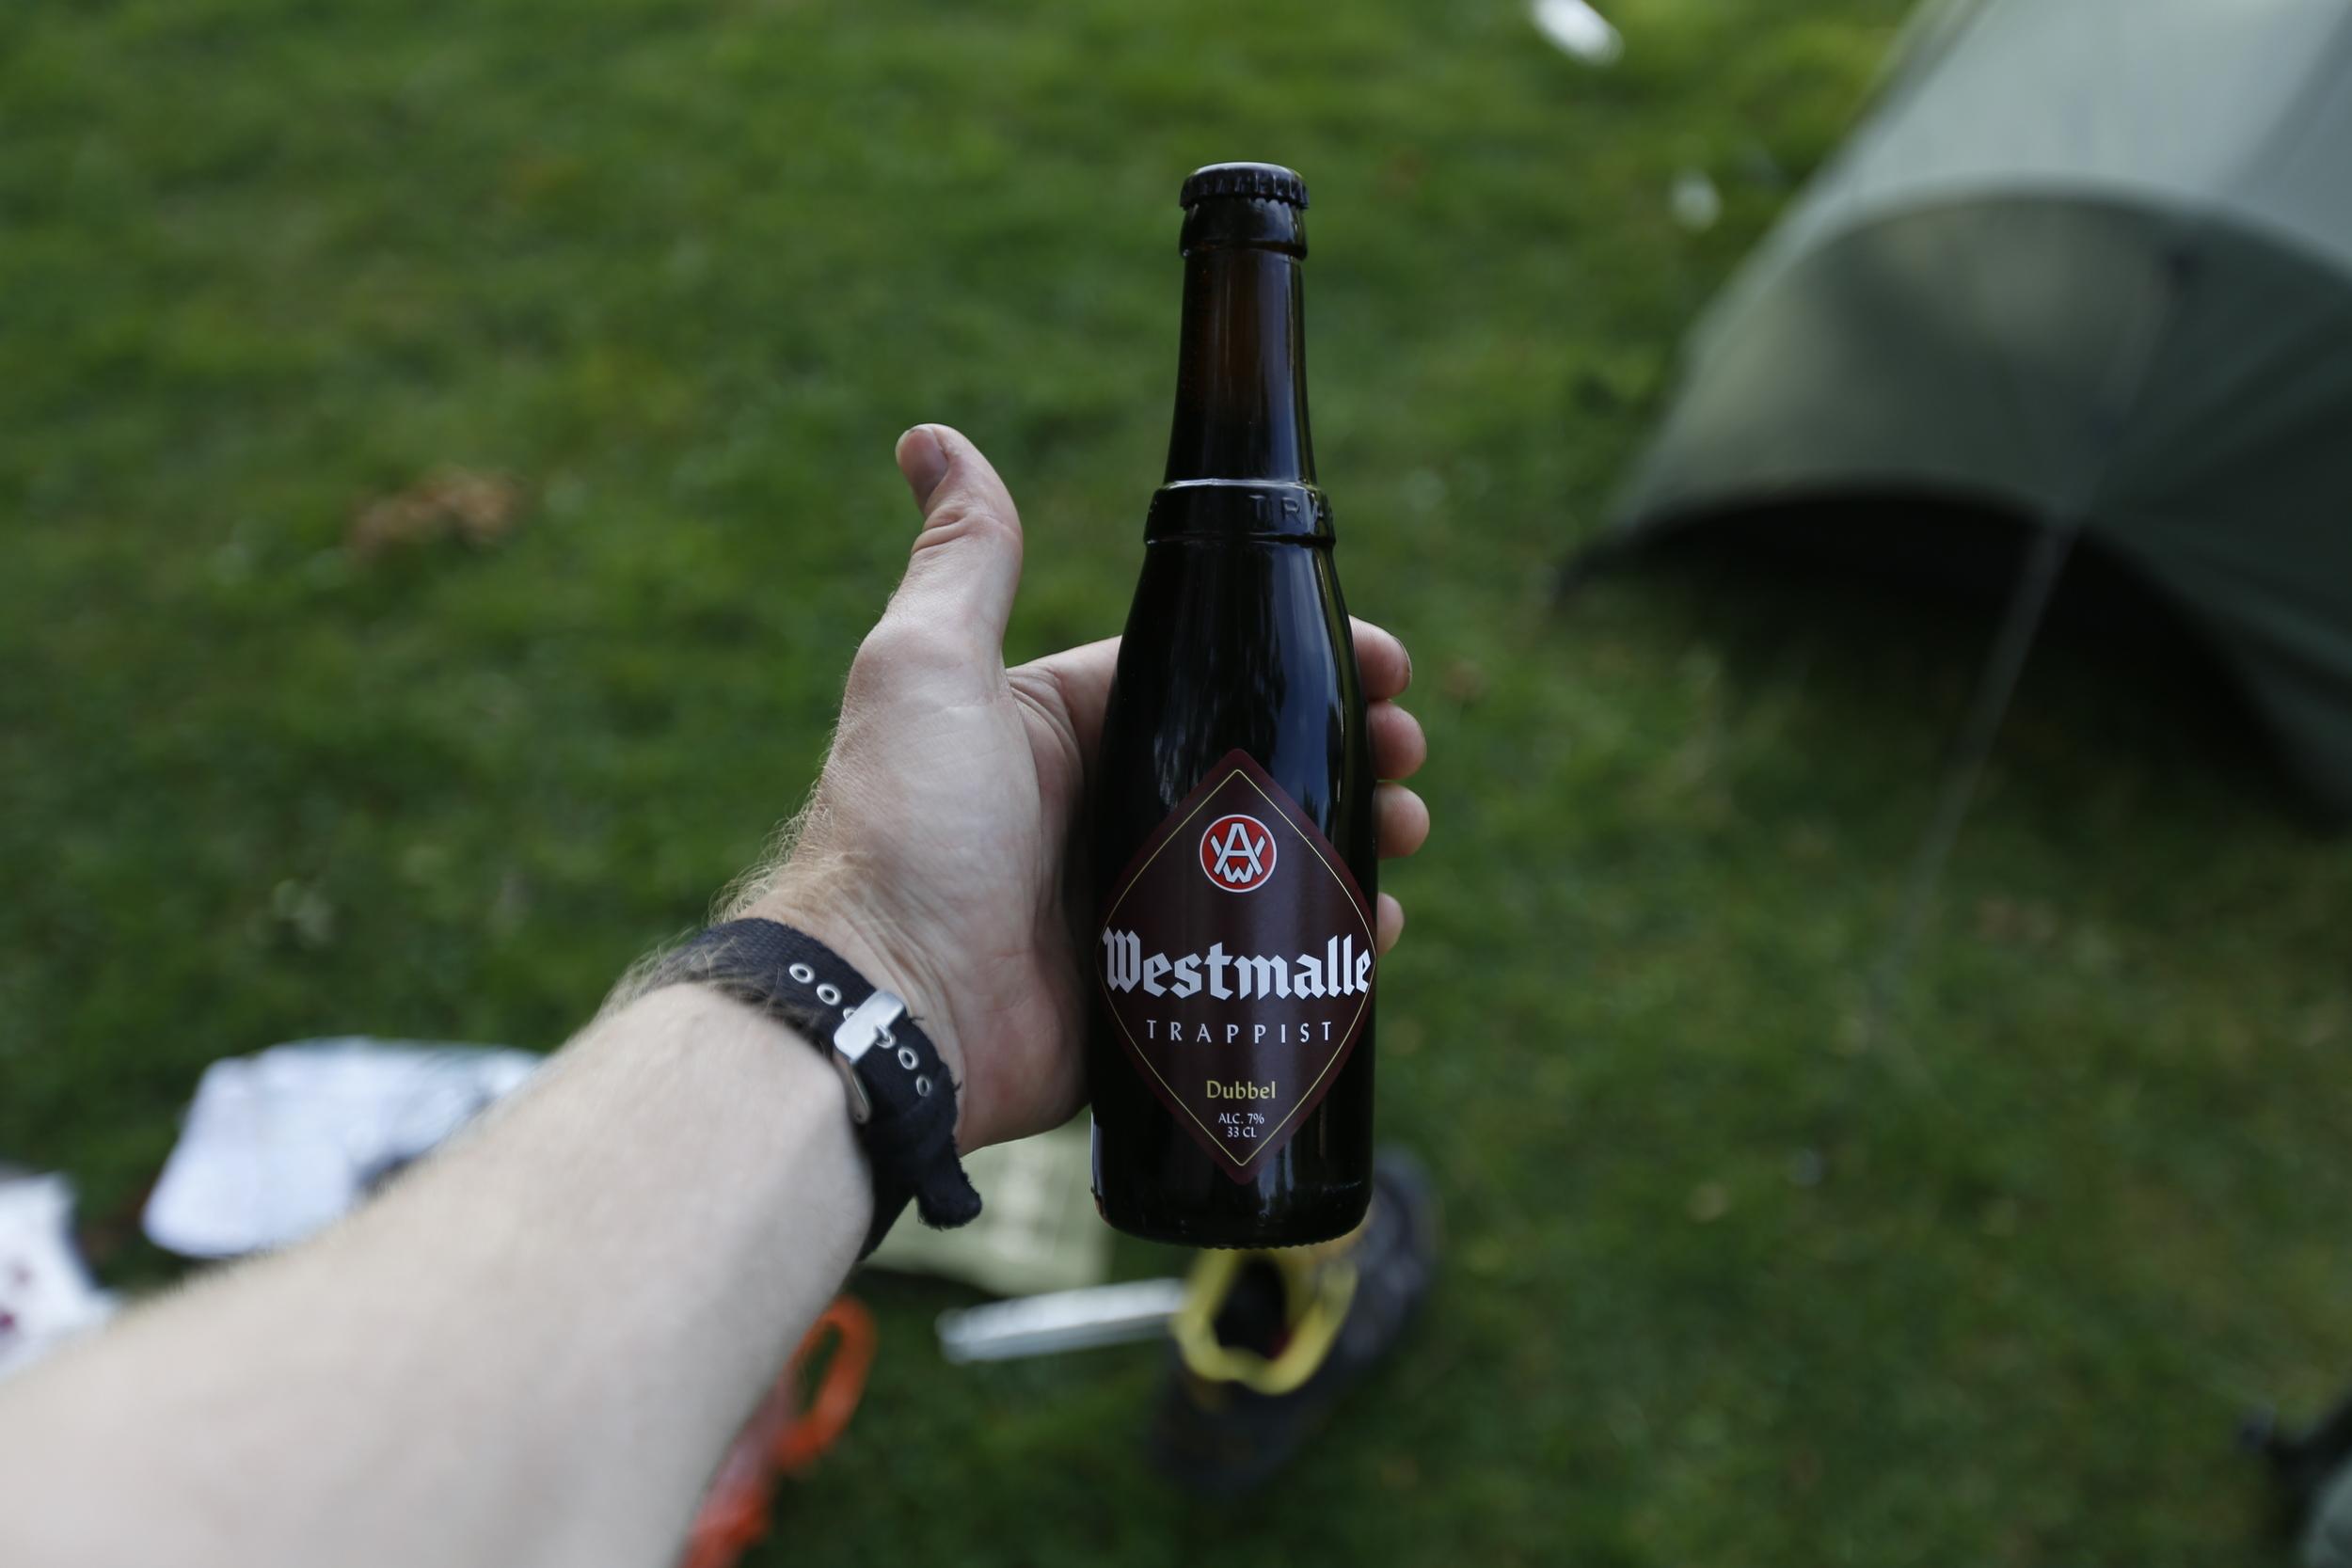 beer, beer blog, beergram, beer photography, ipa, IPA, local beer, ale, drink, alcohol, bikepacking beer, bikepacking blog, cycle touring, cycle touring blog